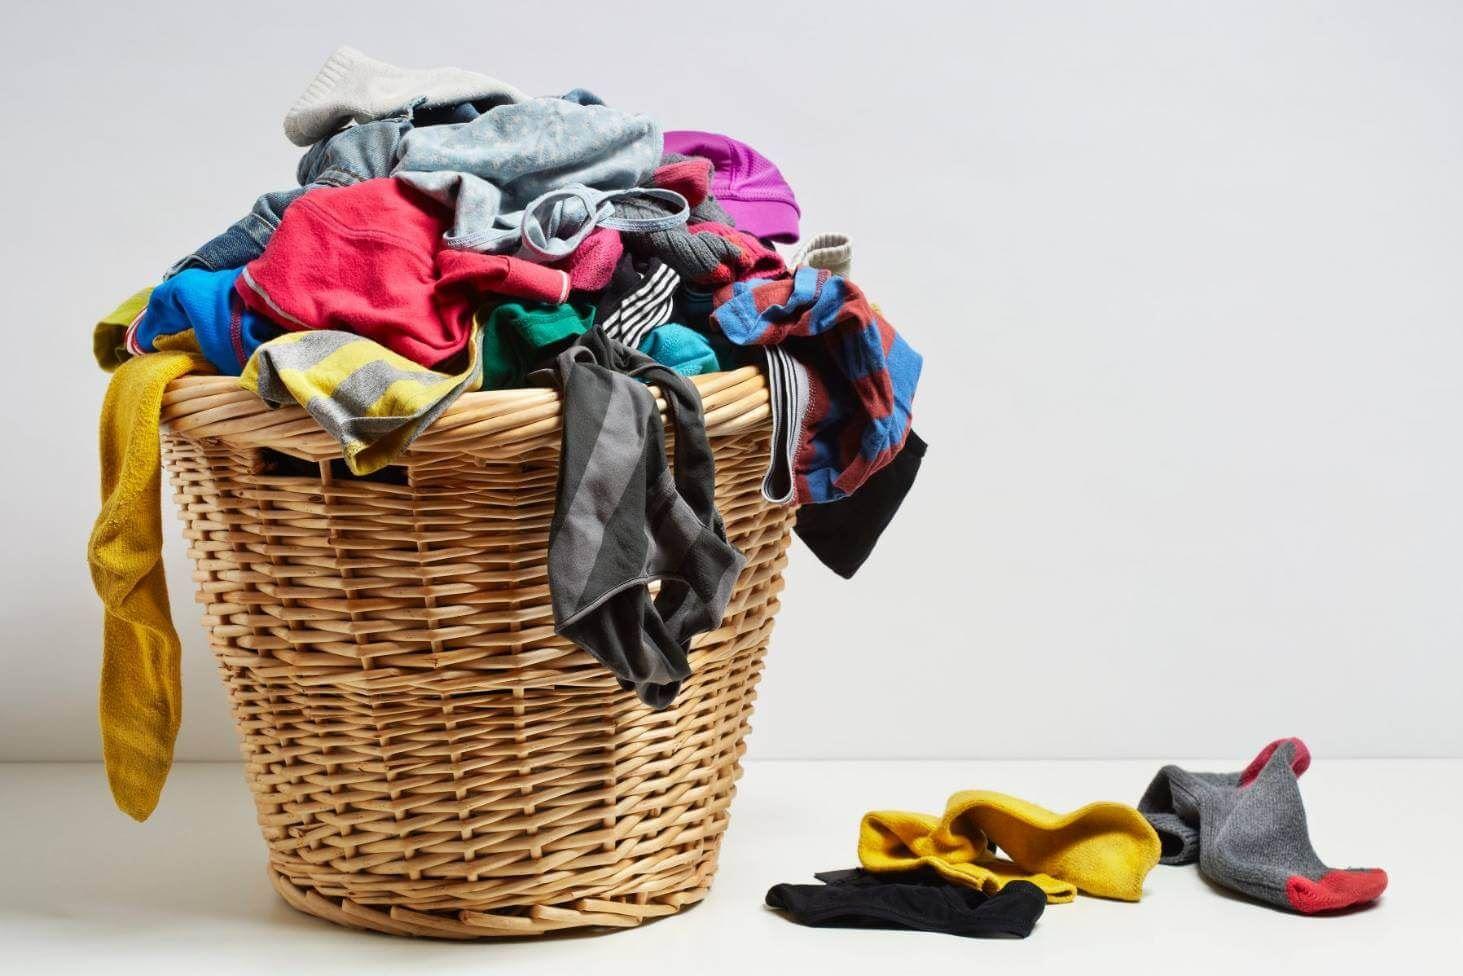 روش صحیح شستن لباس در 18 گام